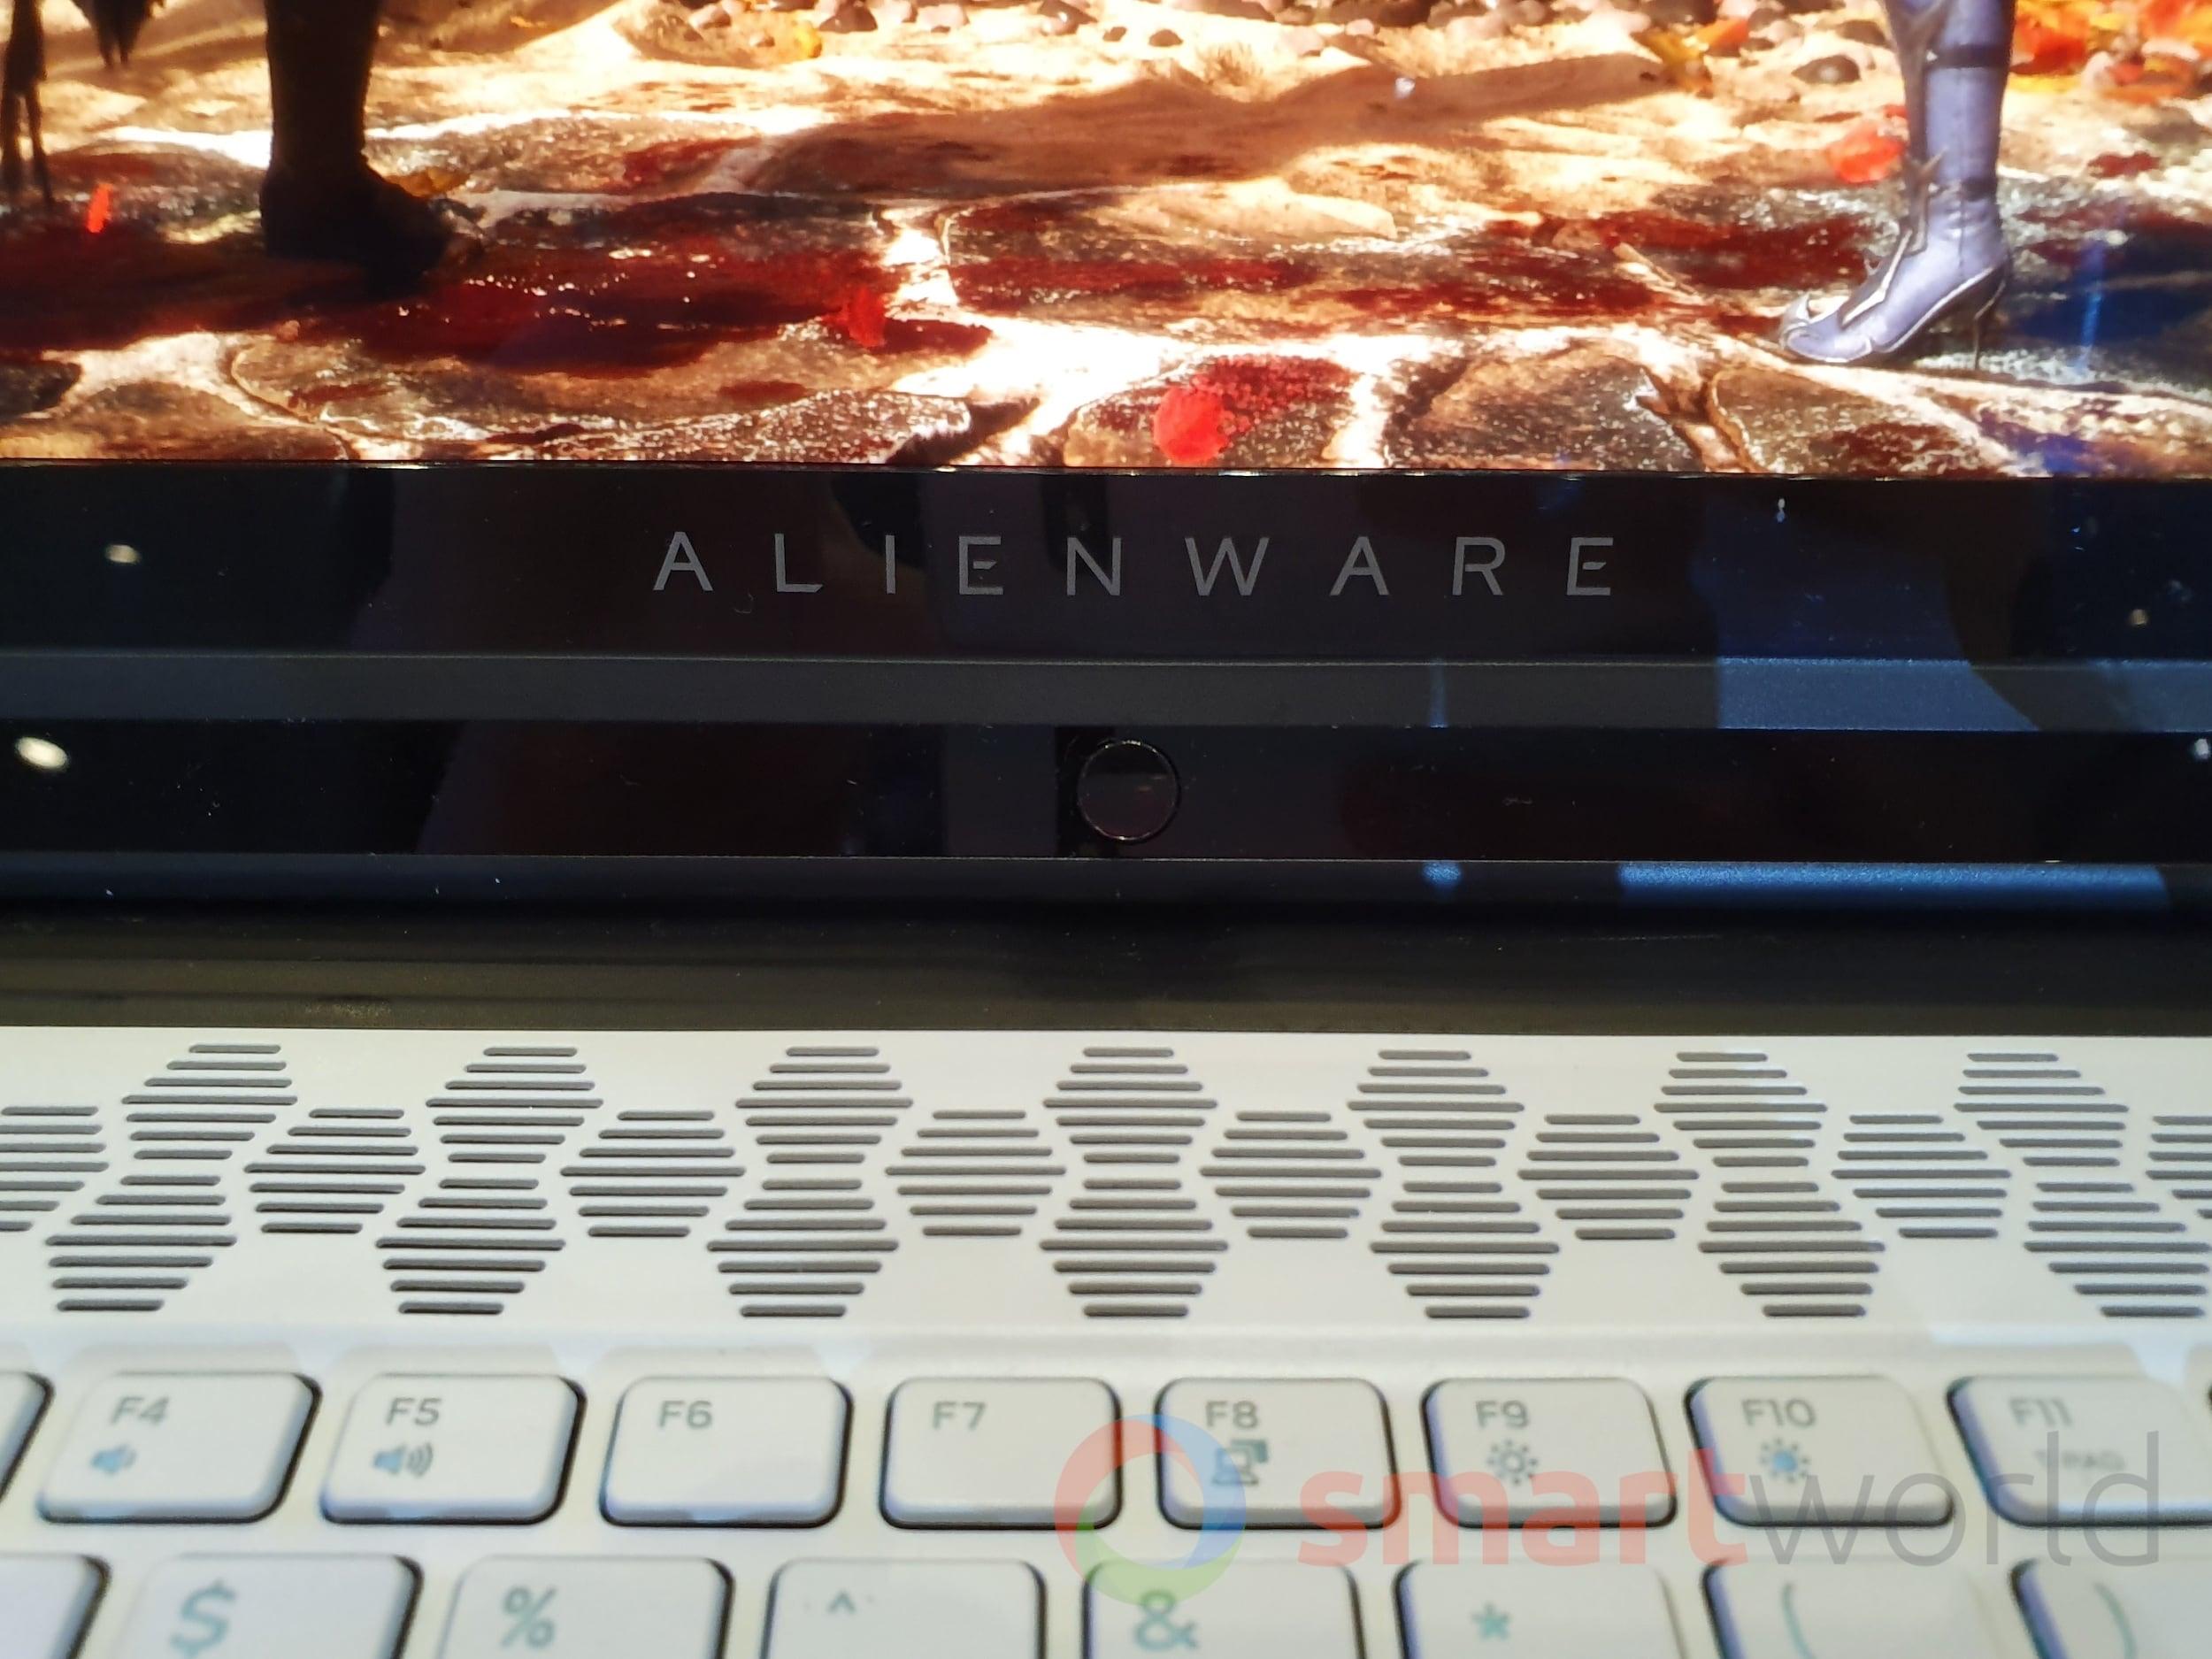 Alienware M15 M17 1